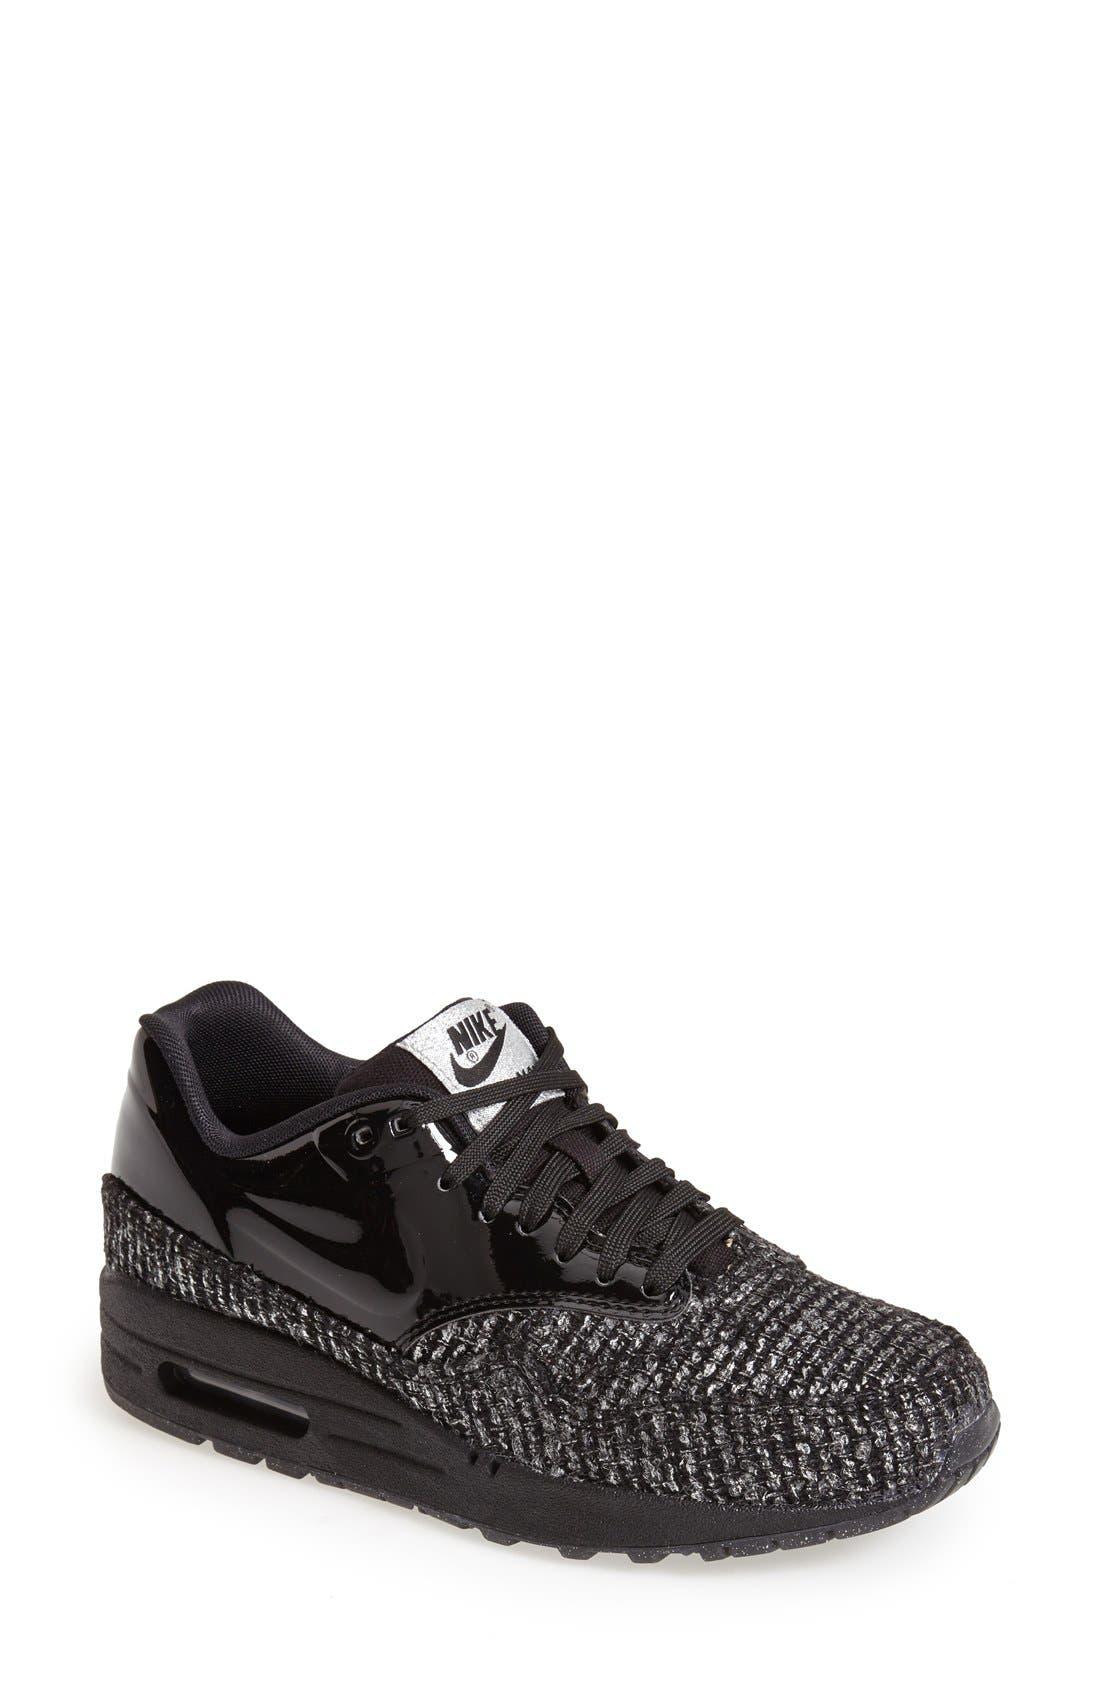 Alternate Image 1 Selected - Nike 'Air Max 1 QS' Sneaker (Women)